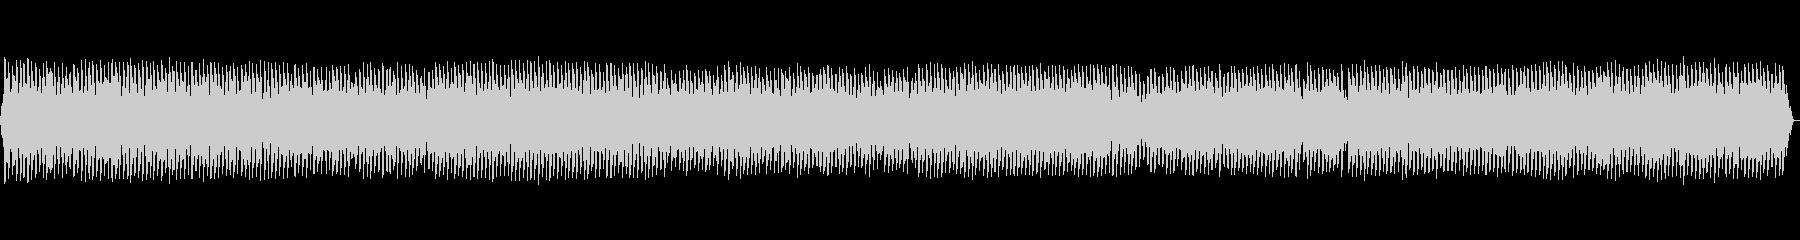 ドアブザー:中バズ;ヴィンテージ録...の未再生の波形